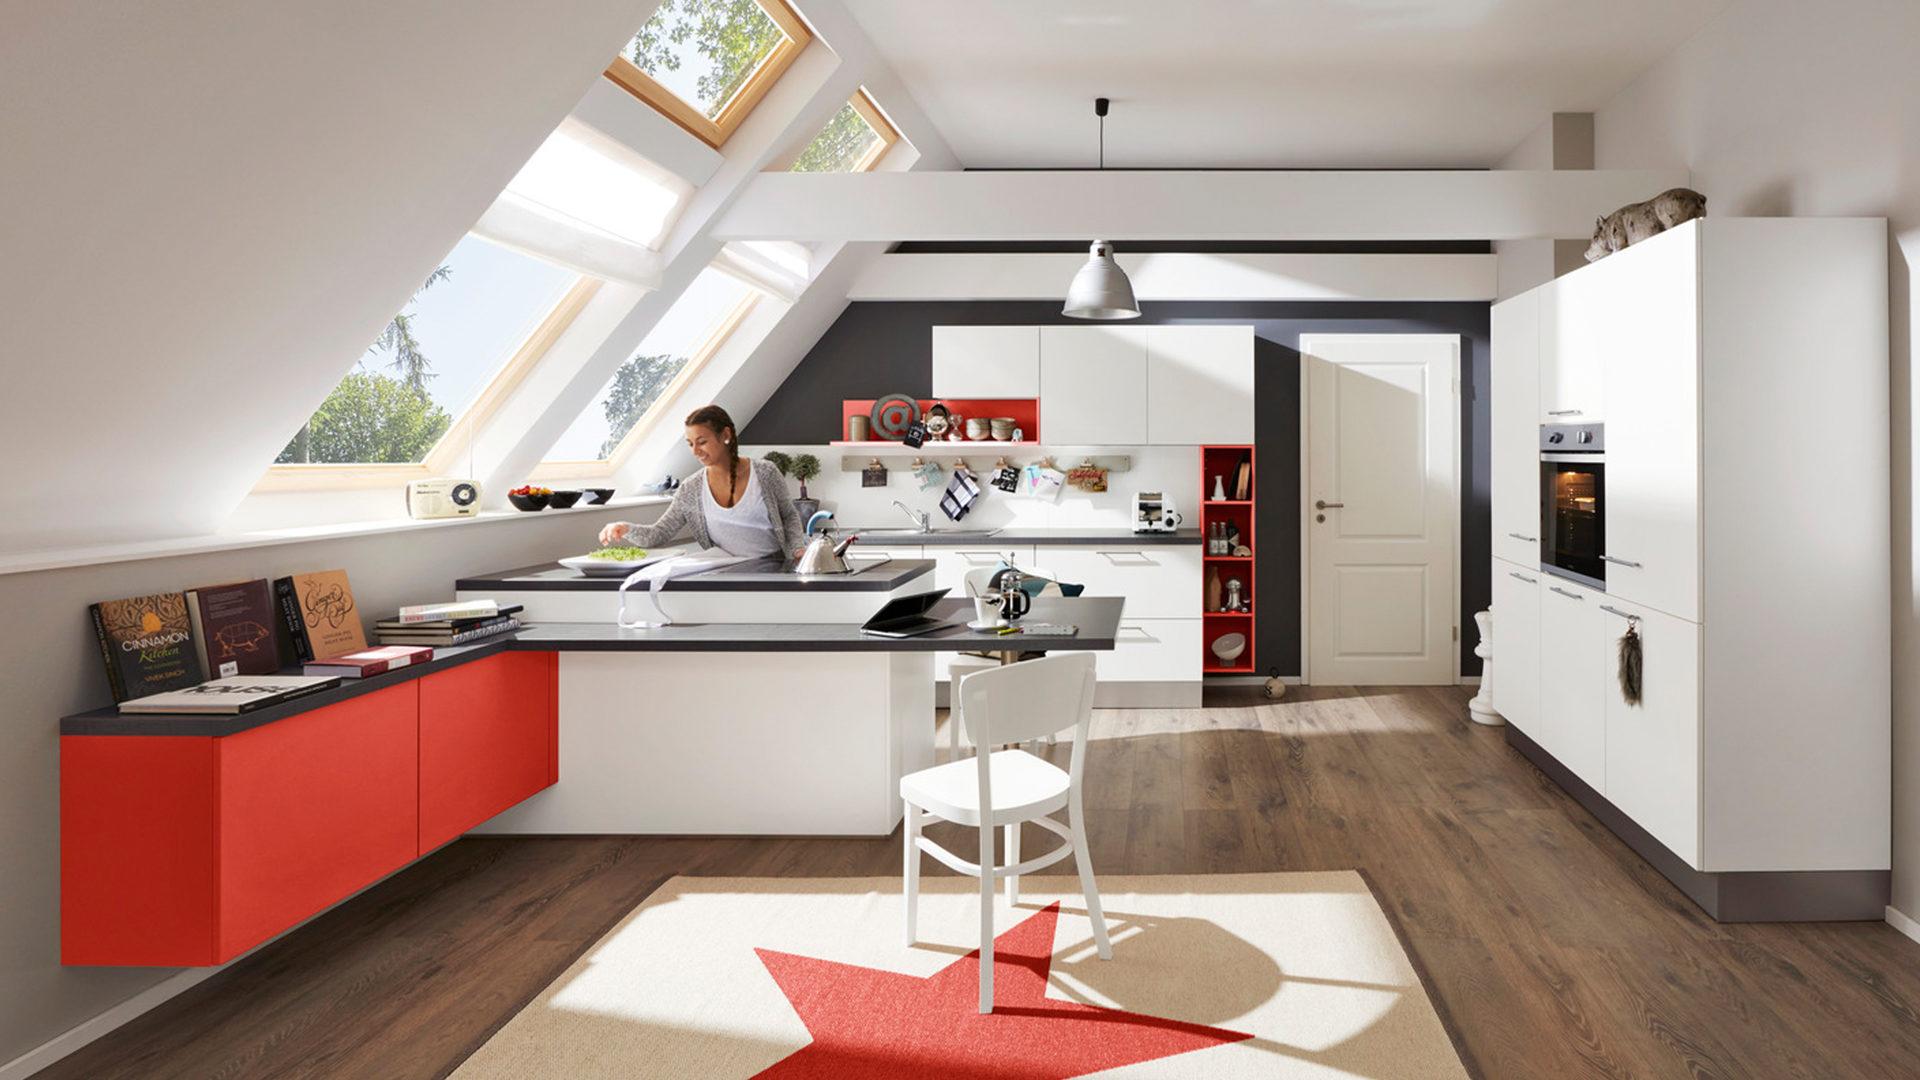 EINRICHTUNGSPARTNERRING, Möbel A-Z, Küchen, Einbauküche, Einbauküche ...